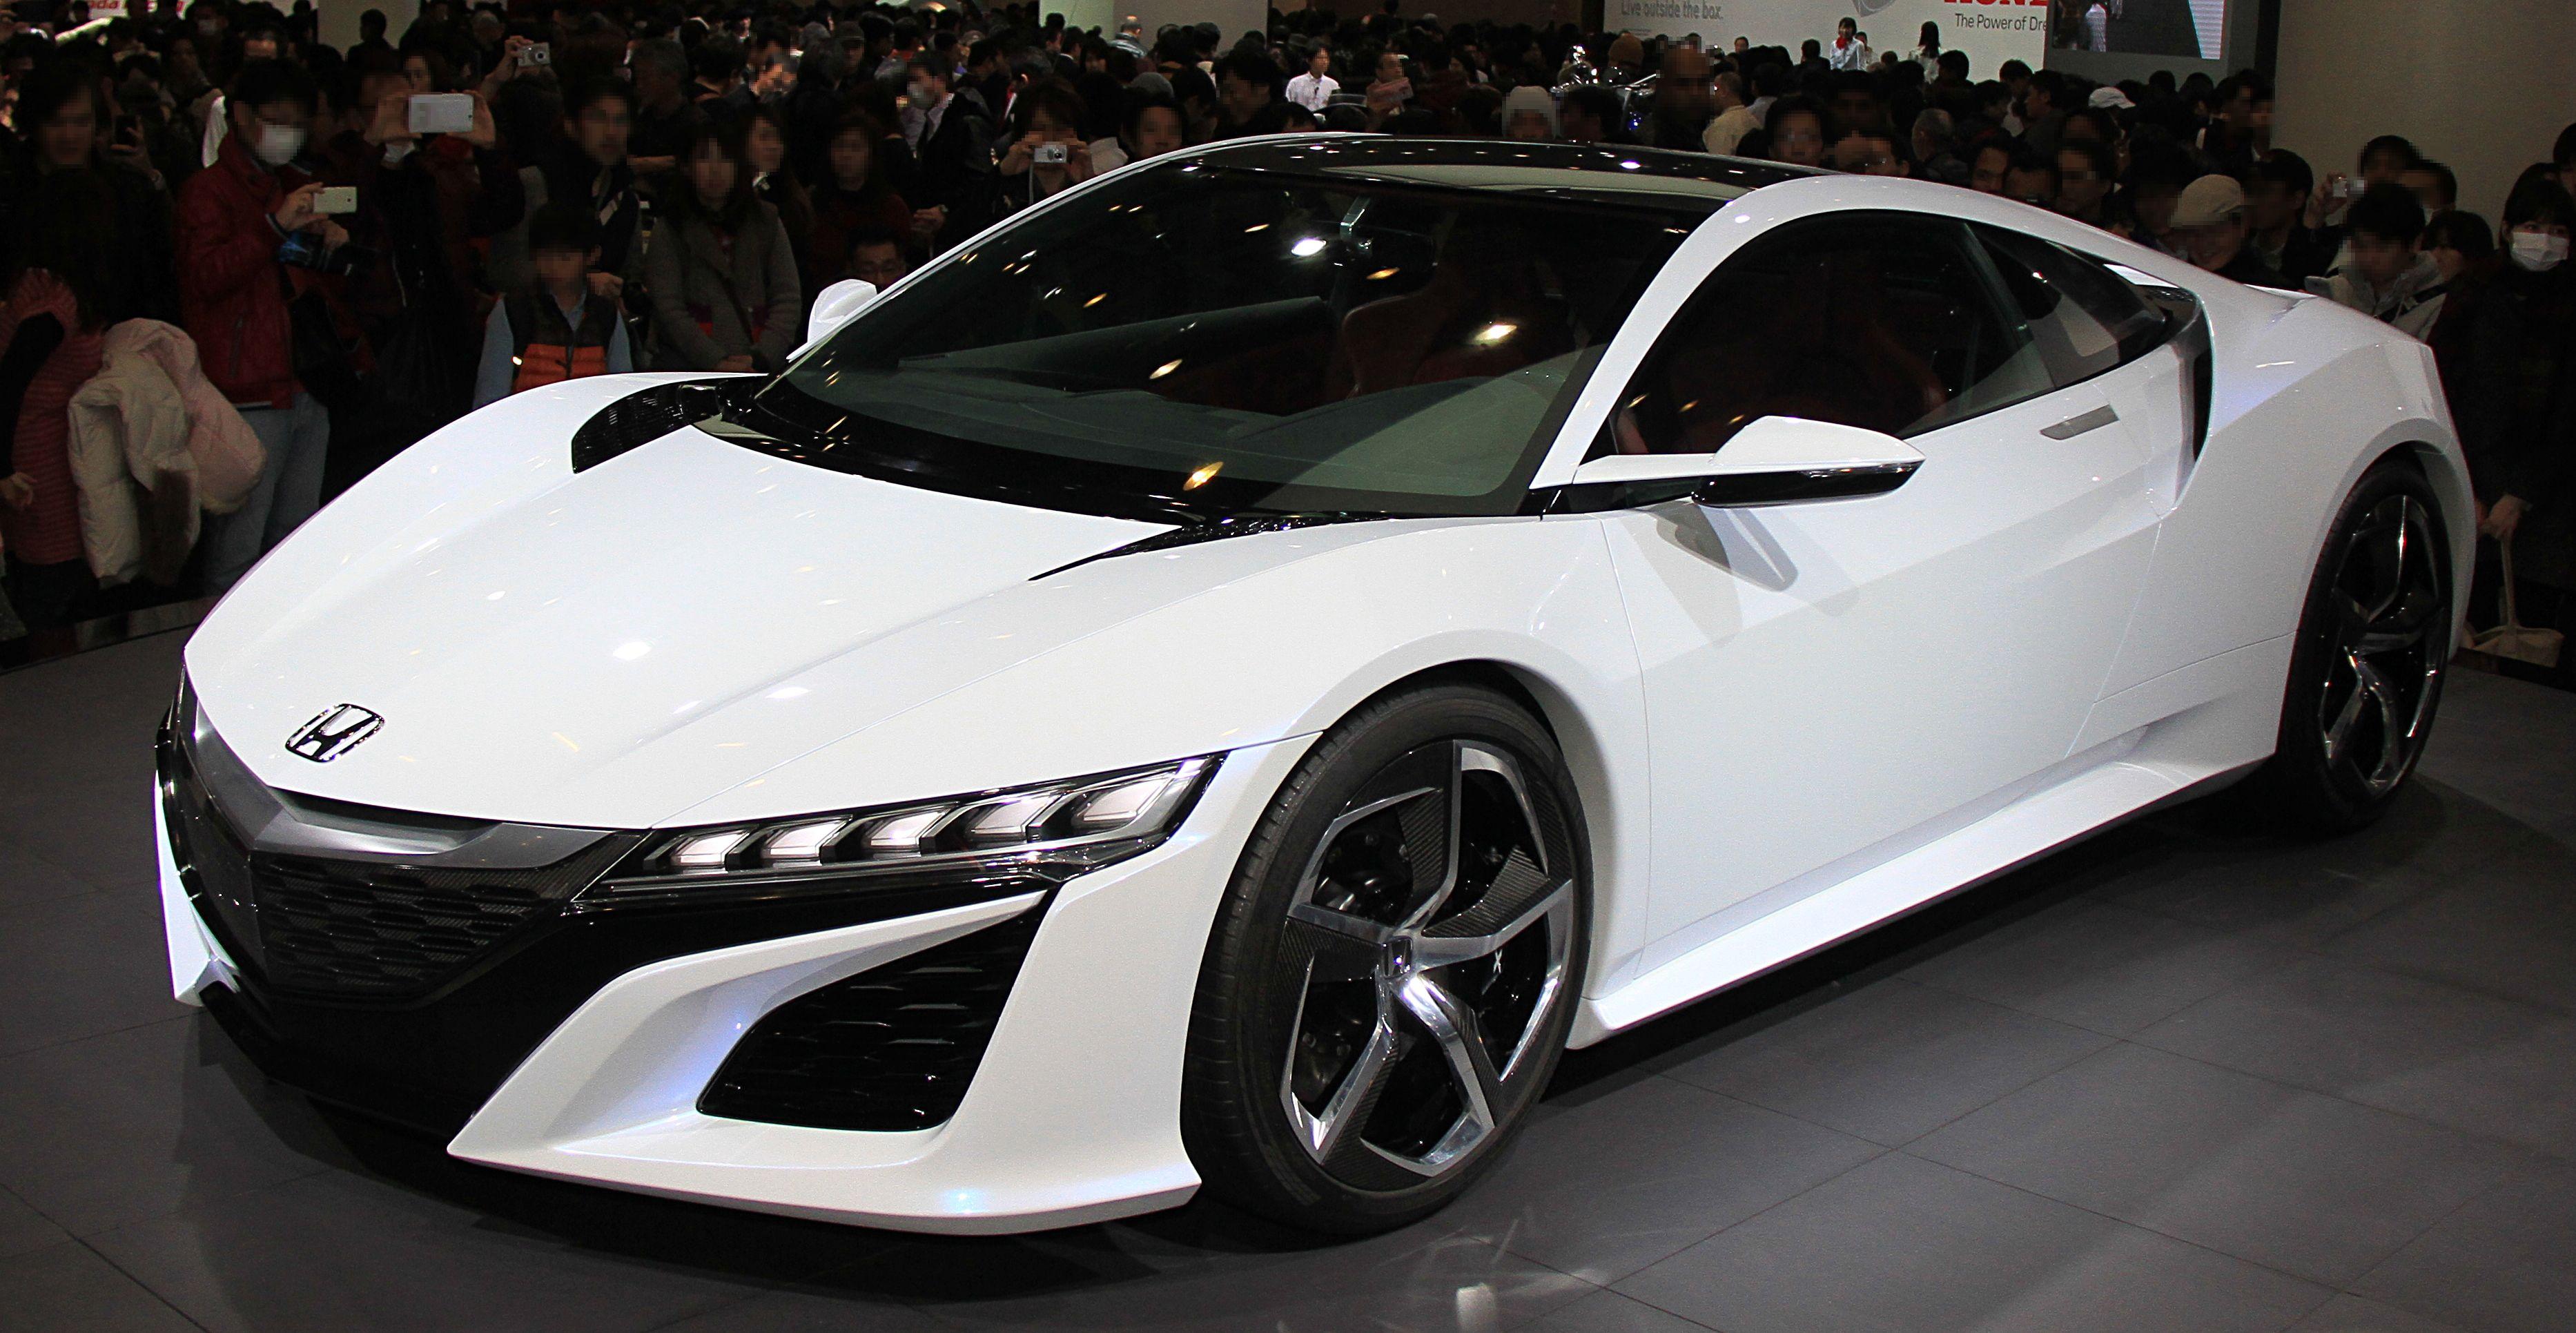 ホンダ 新型 NSXは2015年に発売か?? ツインターボでハイブリッド4輪駆動システム搭載!! - NAVER まとめ